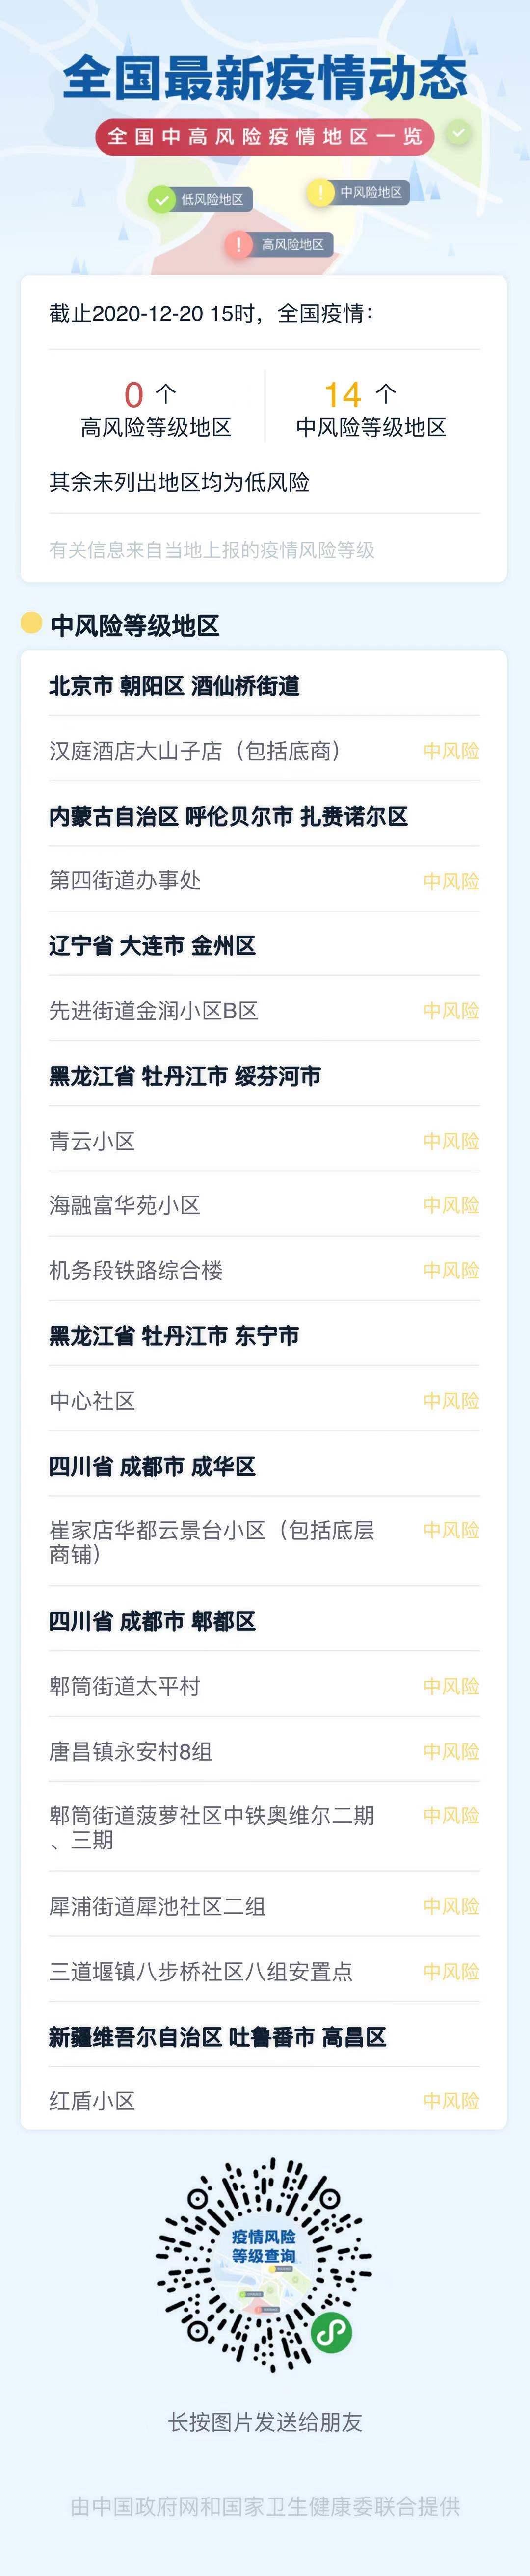 [网连中国]多地调整防疫举措 这4种情况需戴口罩